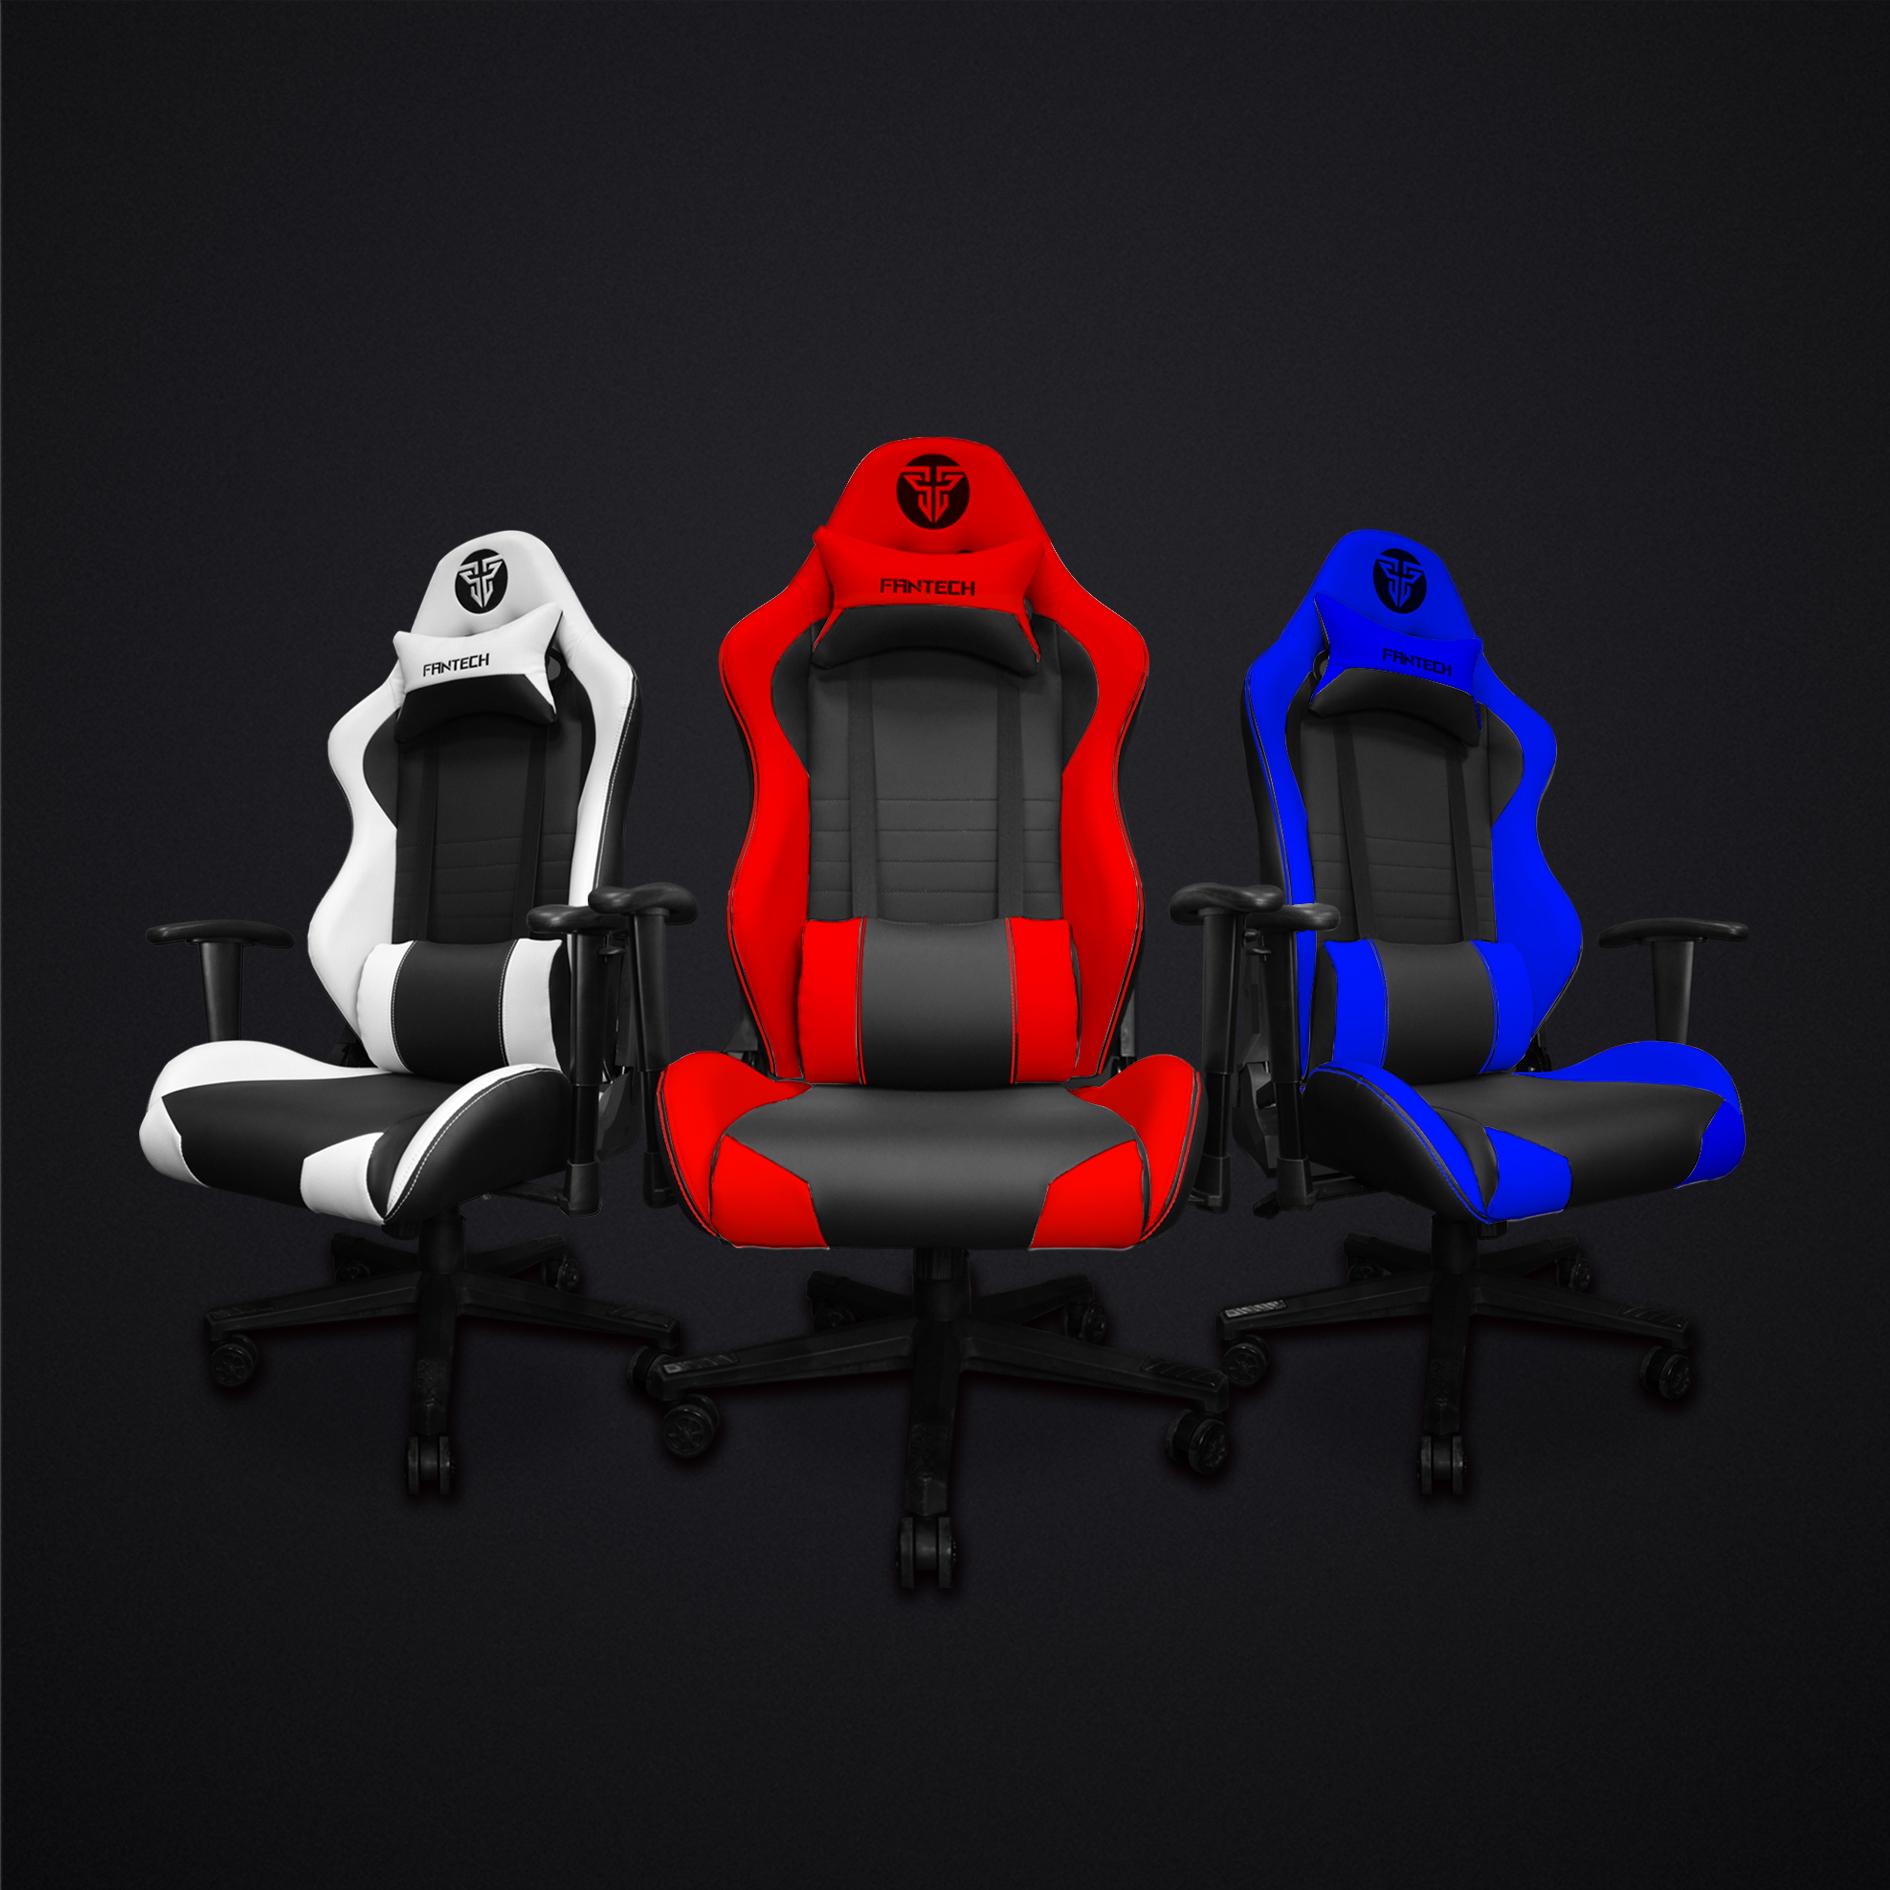 Fantech GC-182 Alpha Gaming Chair 6